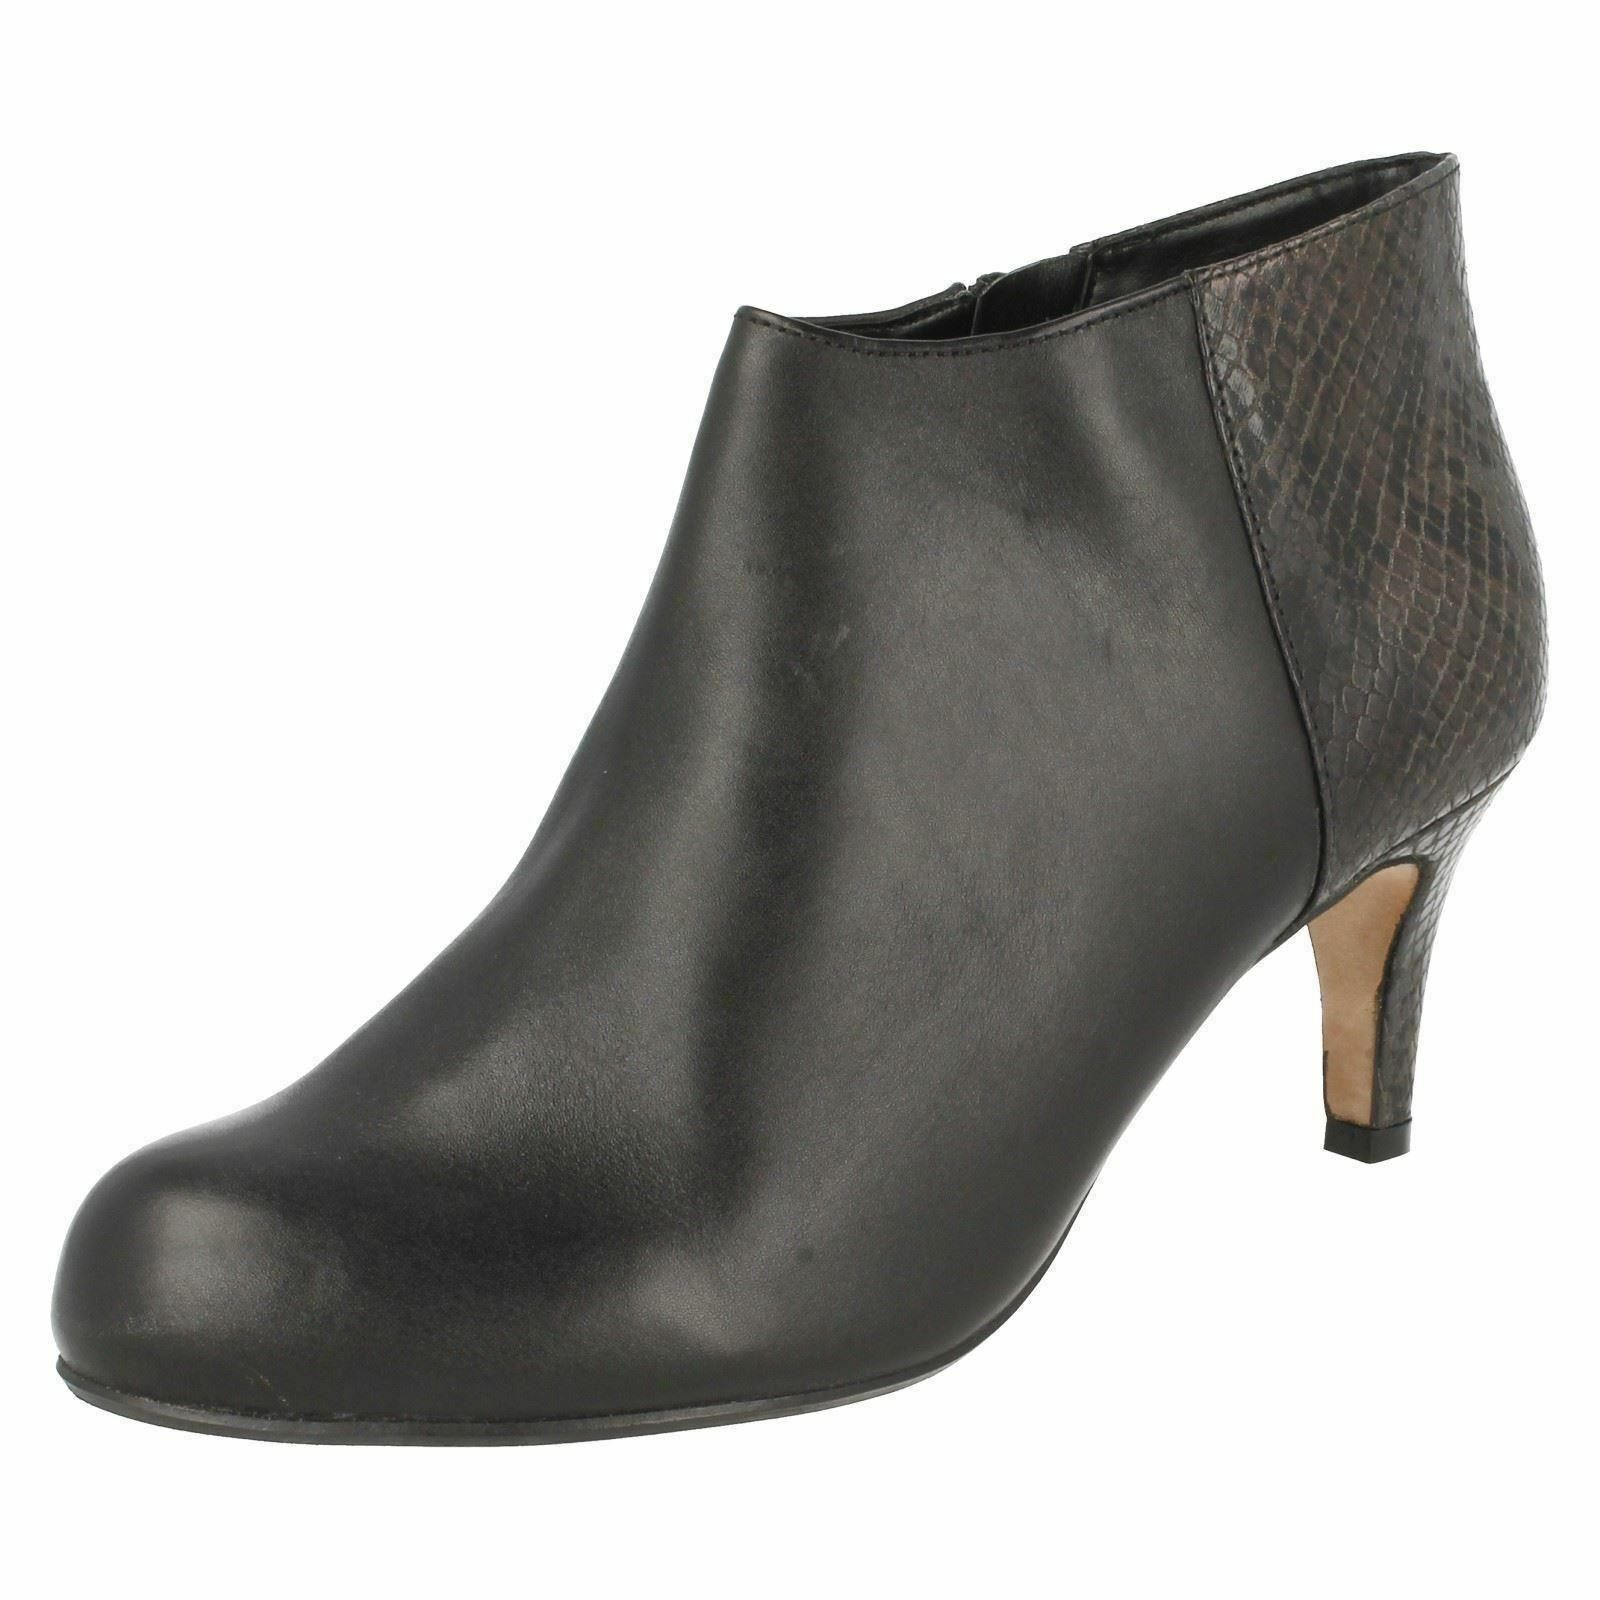 Damen schwarz Leder Clarks mit Absatz Smart Stiefeletten Arista Flirt D Einbau